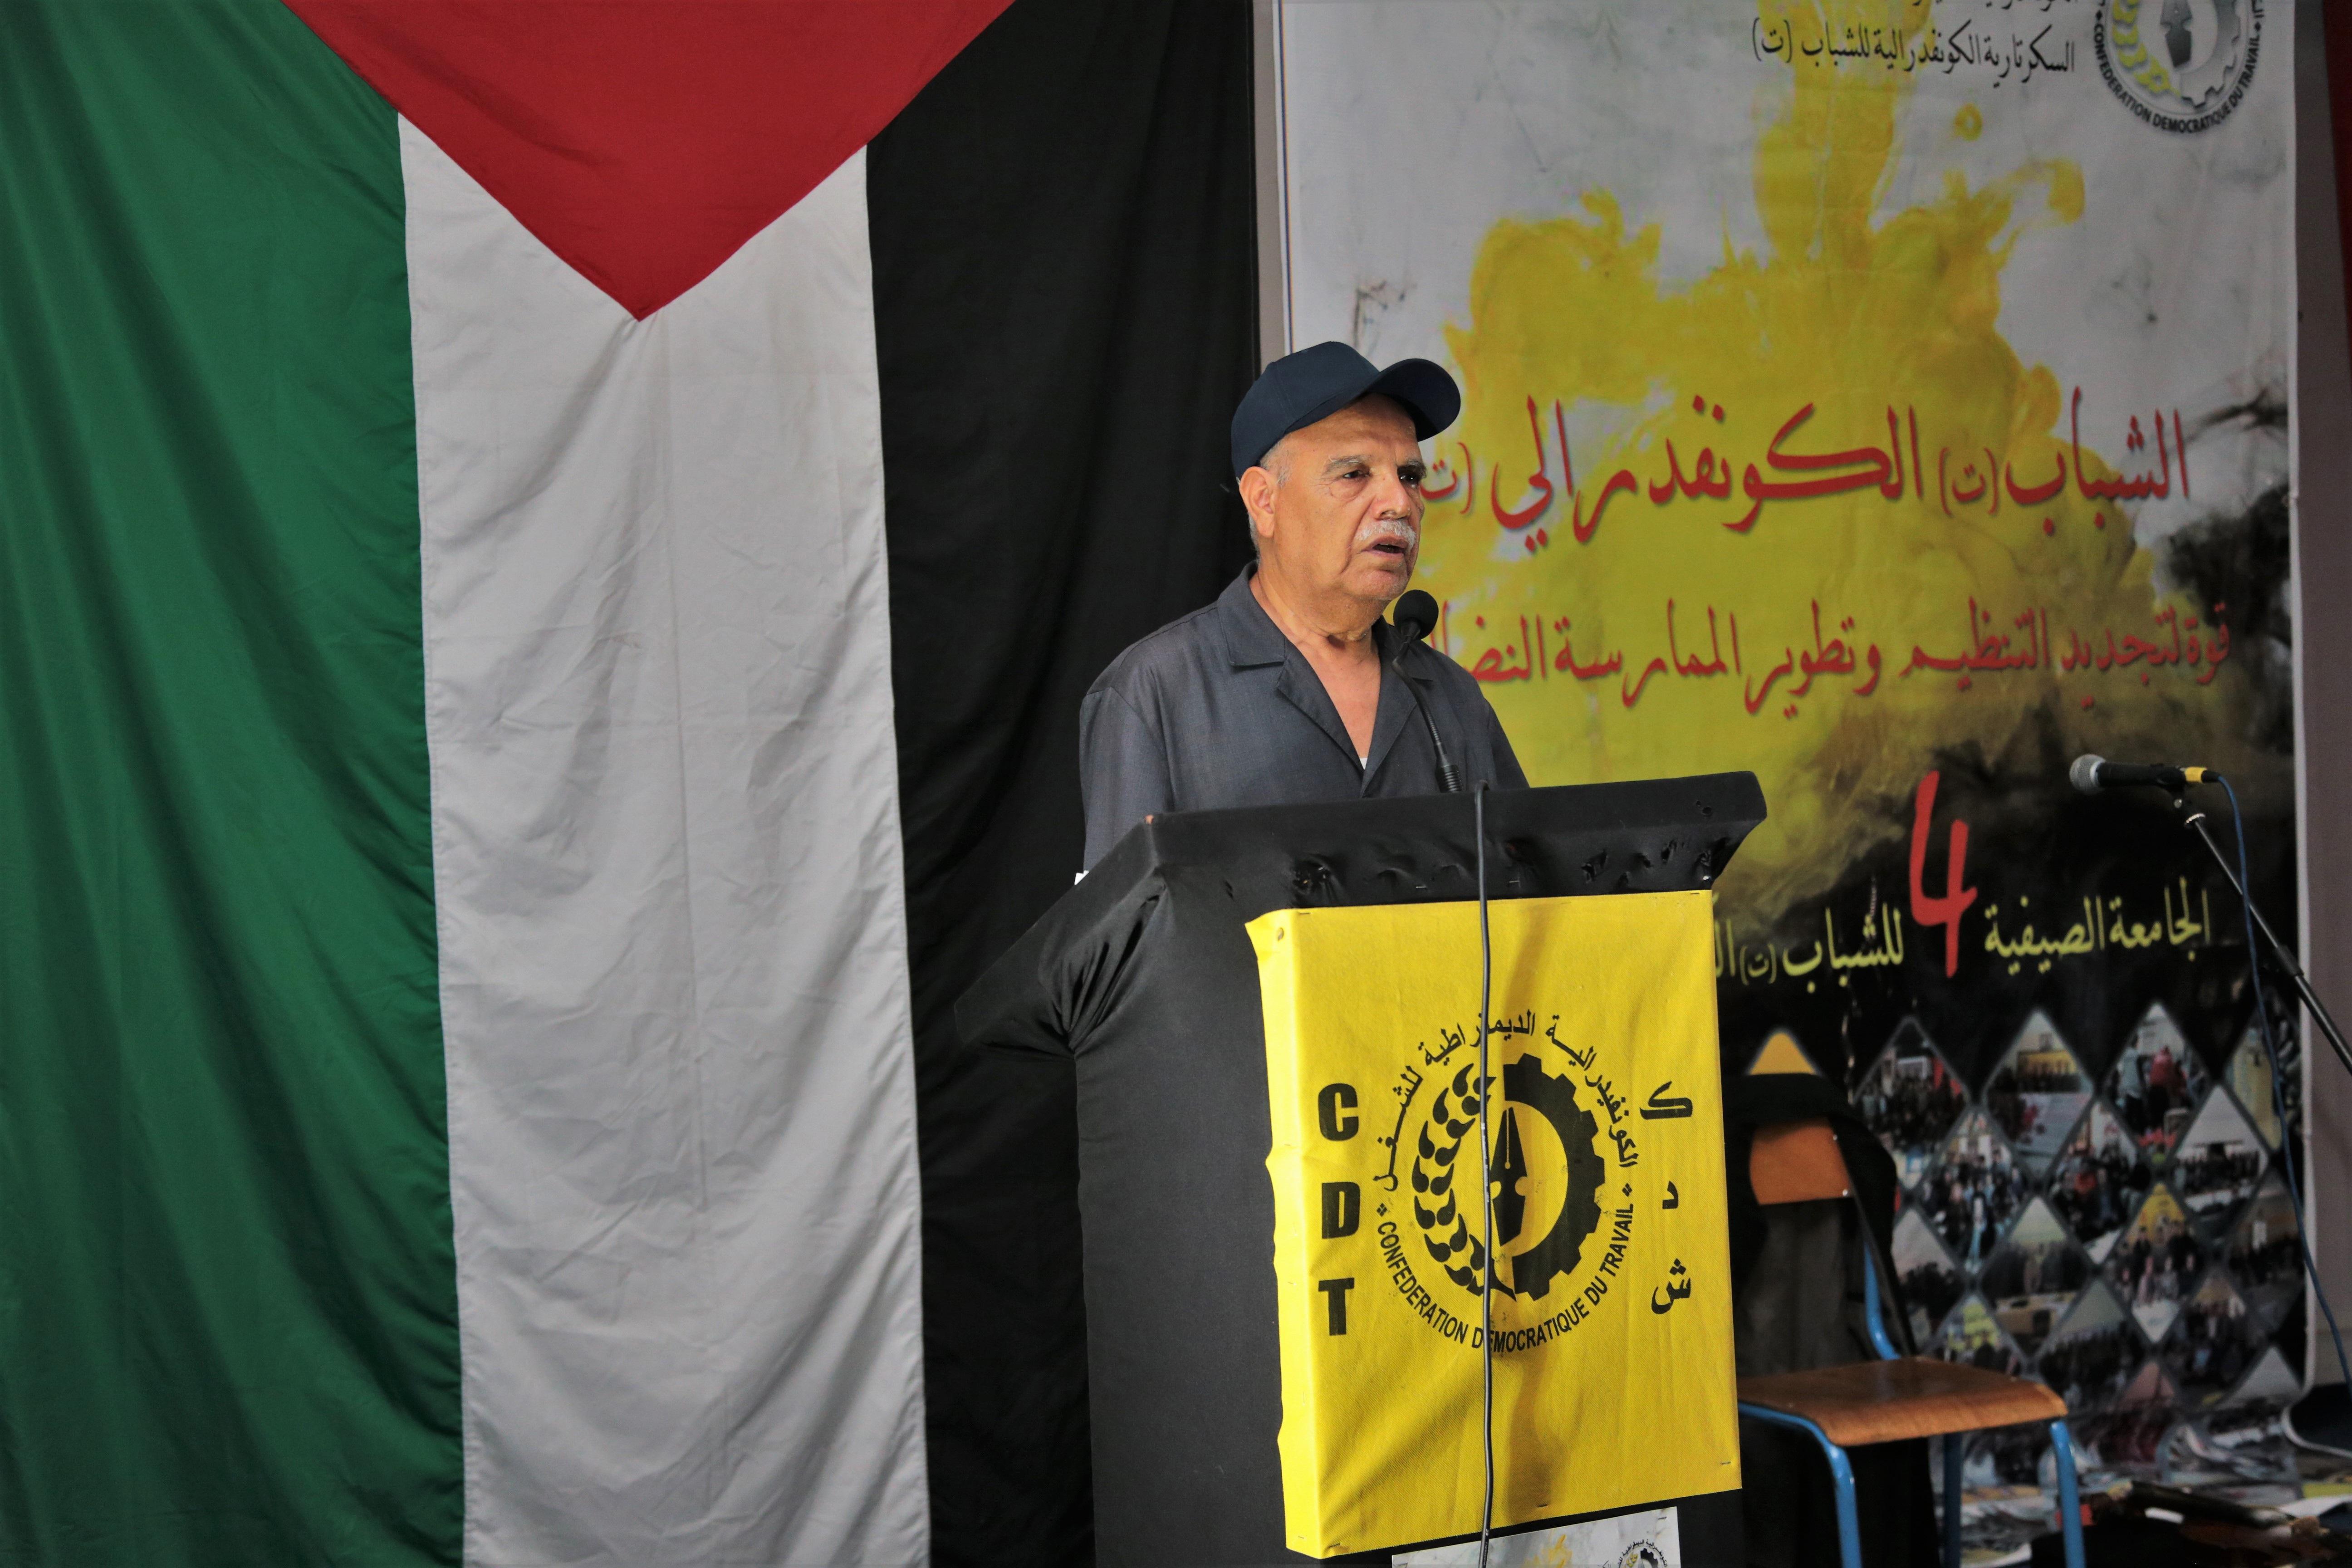 الزاير: نطالب بحوار وطني حول جميع الملفات وبصياغة مشتركة لمشروع قانون الإضراب